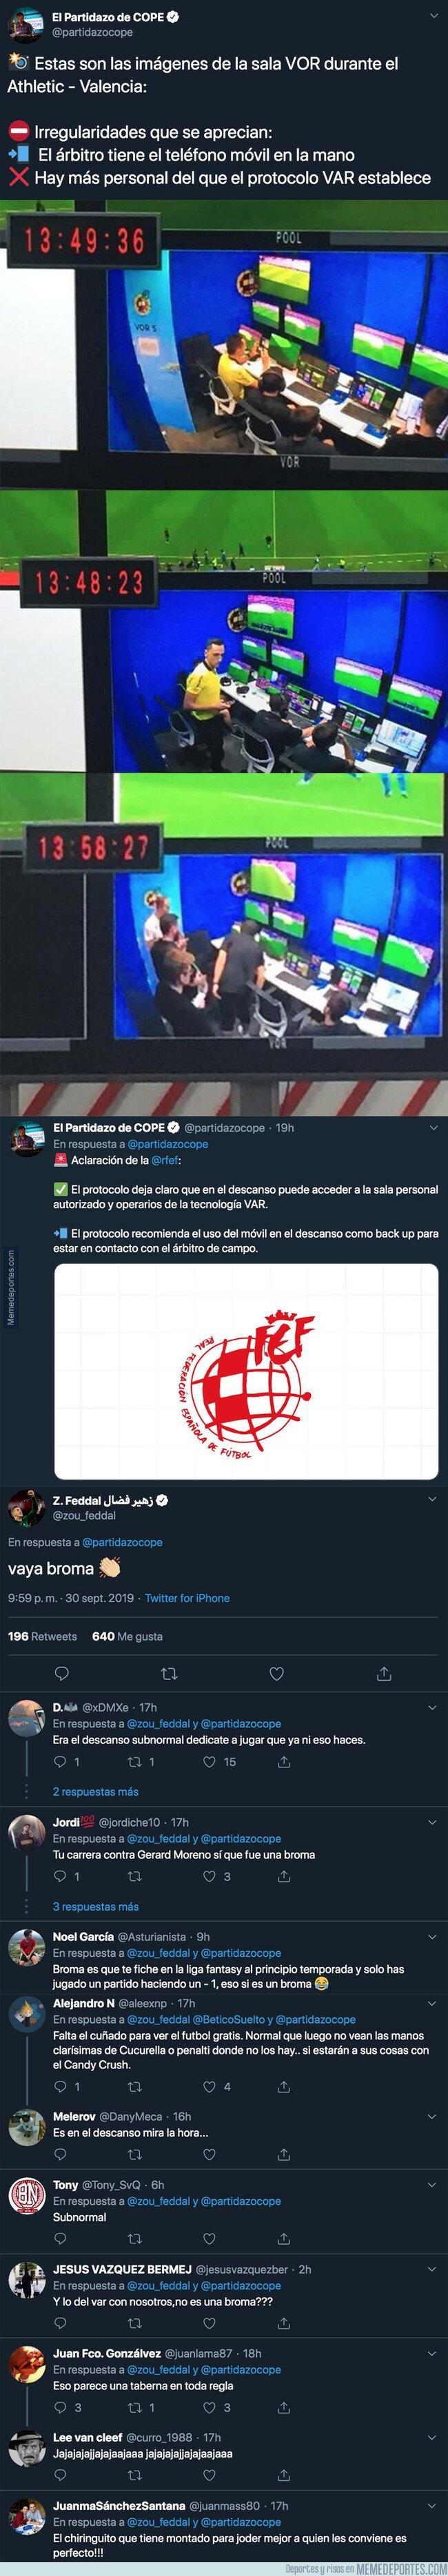 1087251 - Escándalo: Esto ocurrió en la sala del VAR durante el Athletic-Valencia y el jugador Feddal, del Betis, salió a criticar